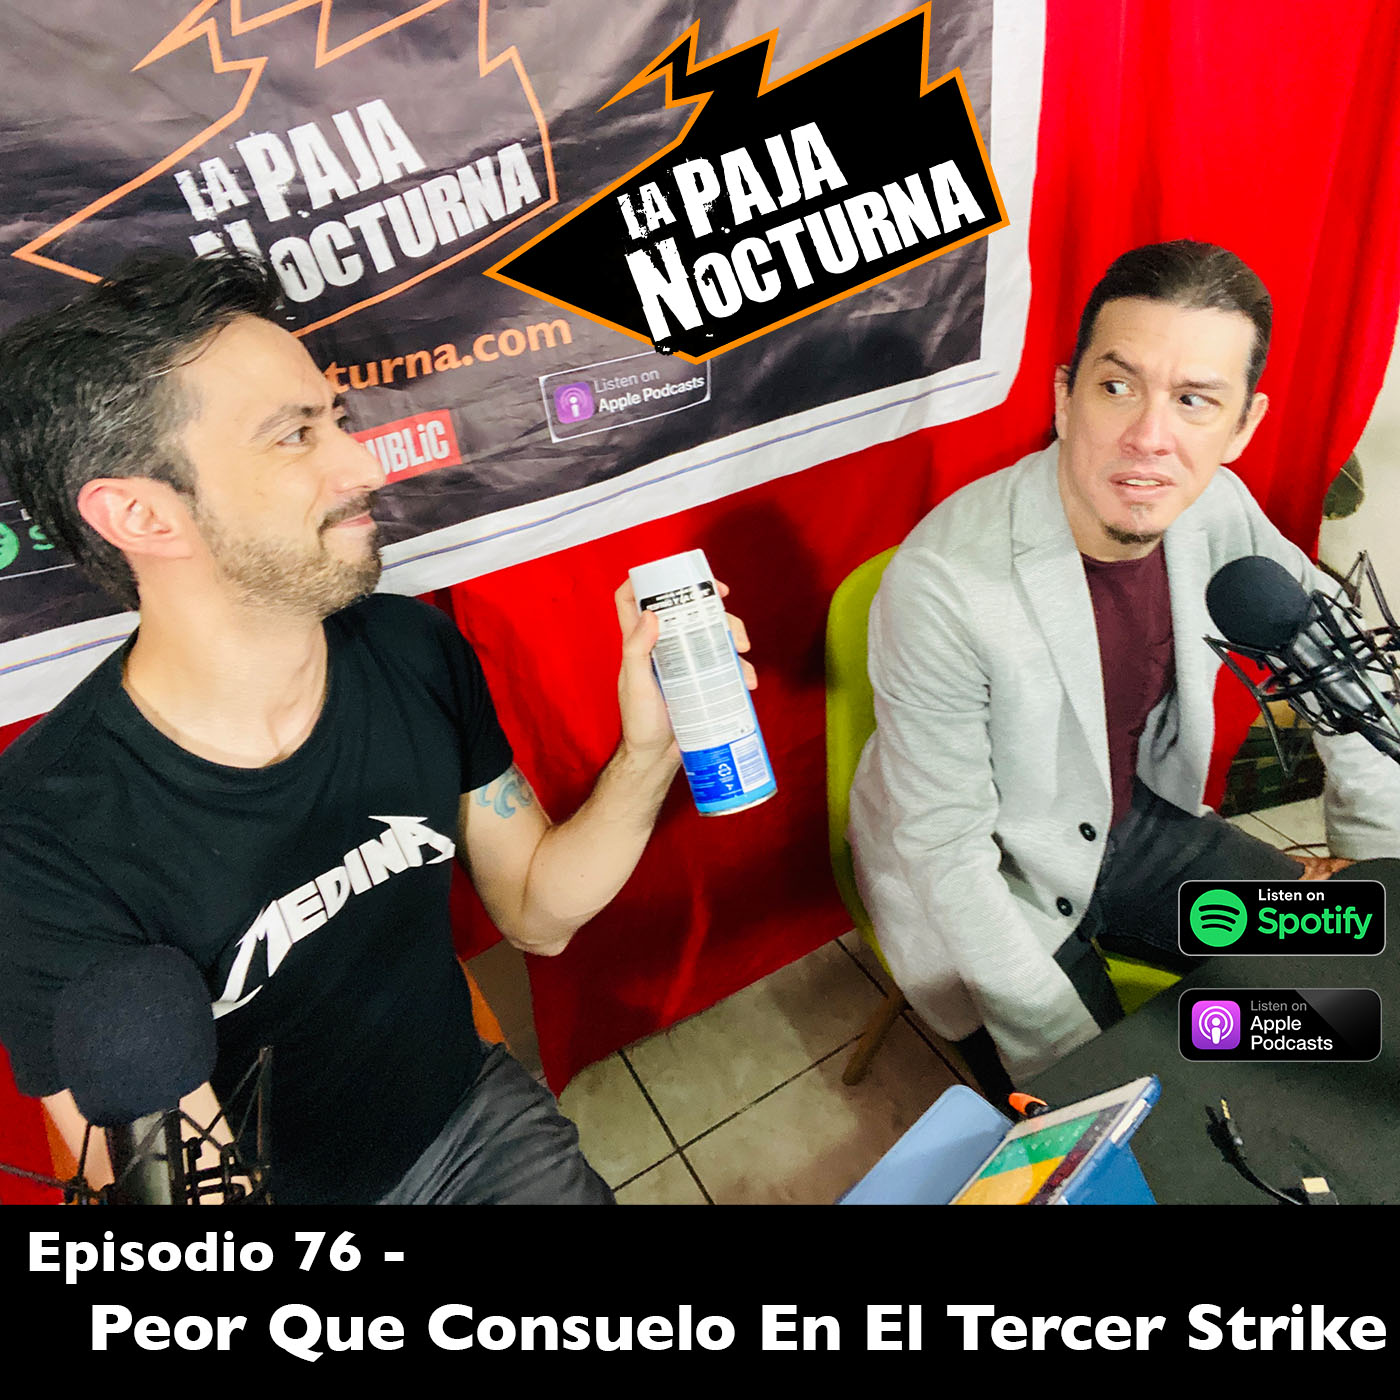 La paja nocturna podcast Episodio 76